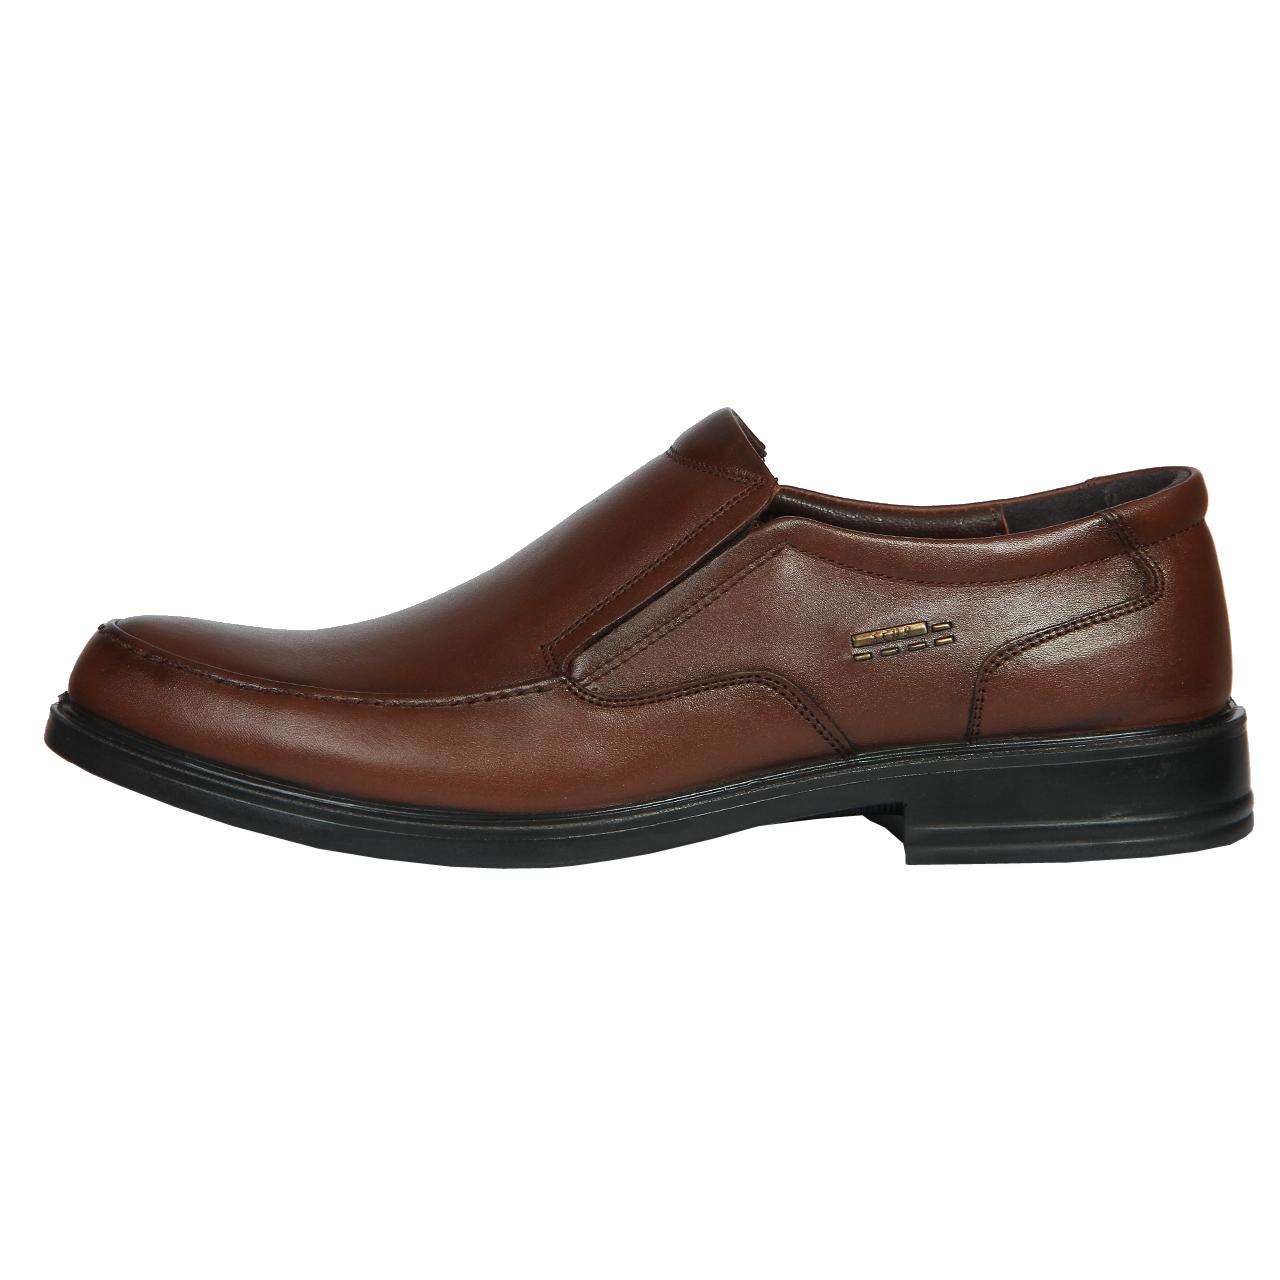 کفش مردانه اسکاپ مدل مارکو کد 13